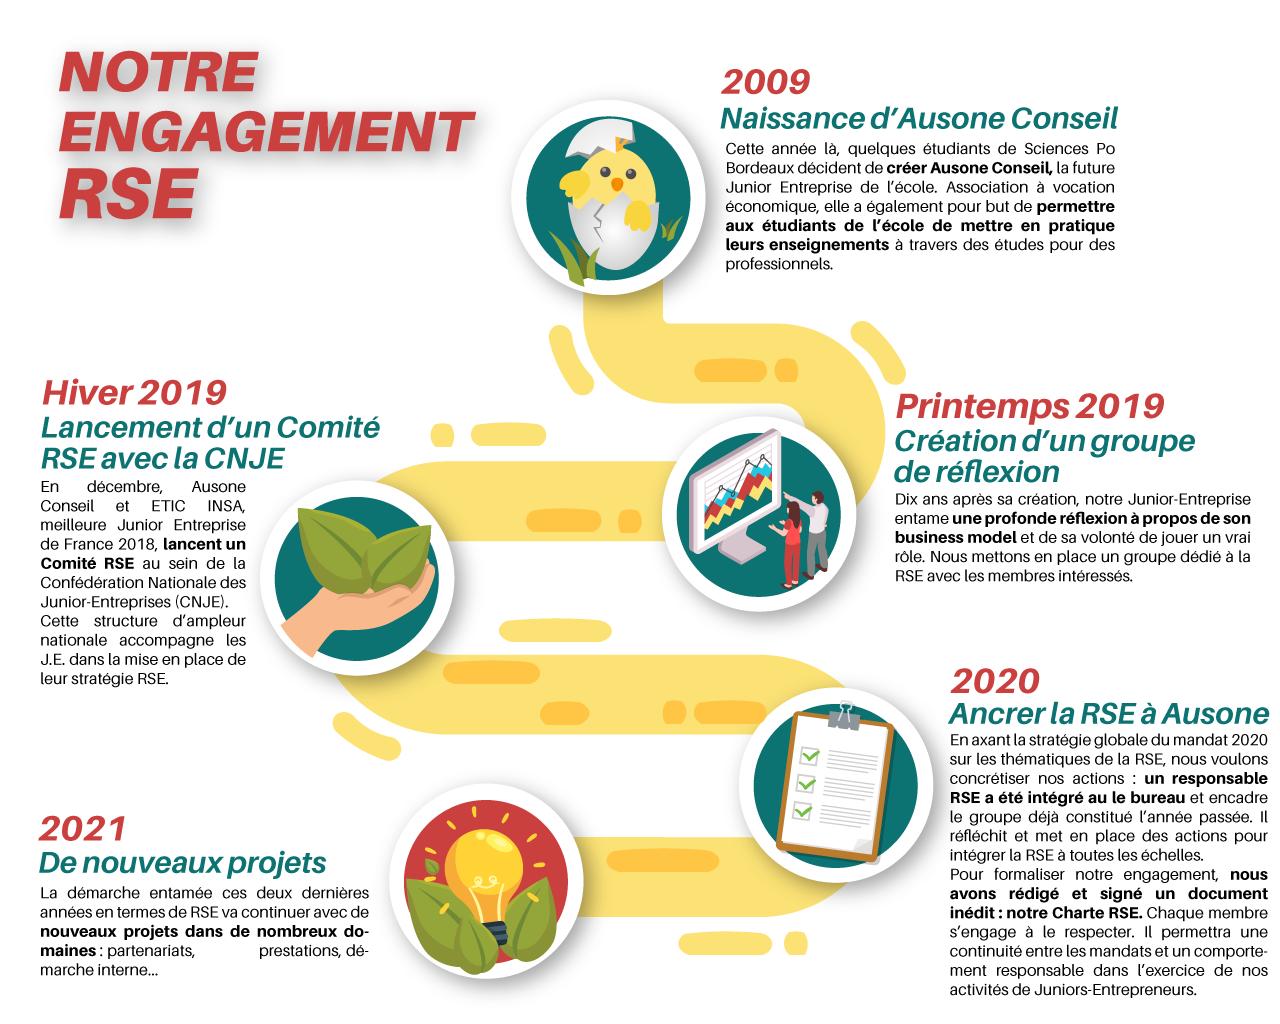 Infographie expliquant le RSE chez Ausone Conseil